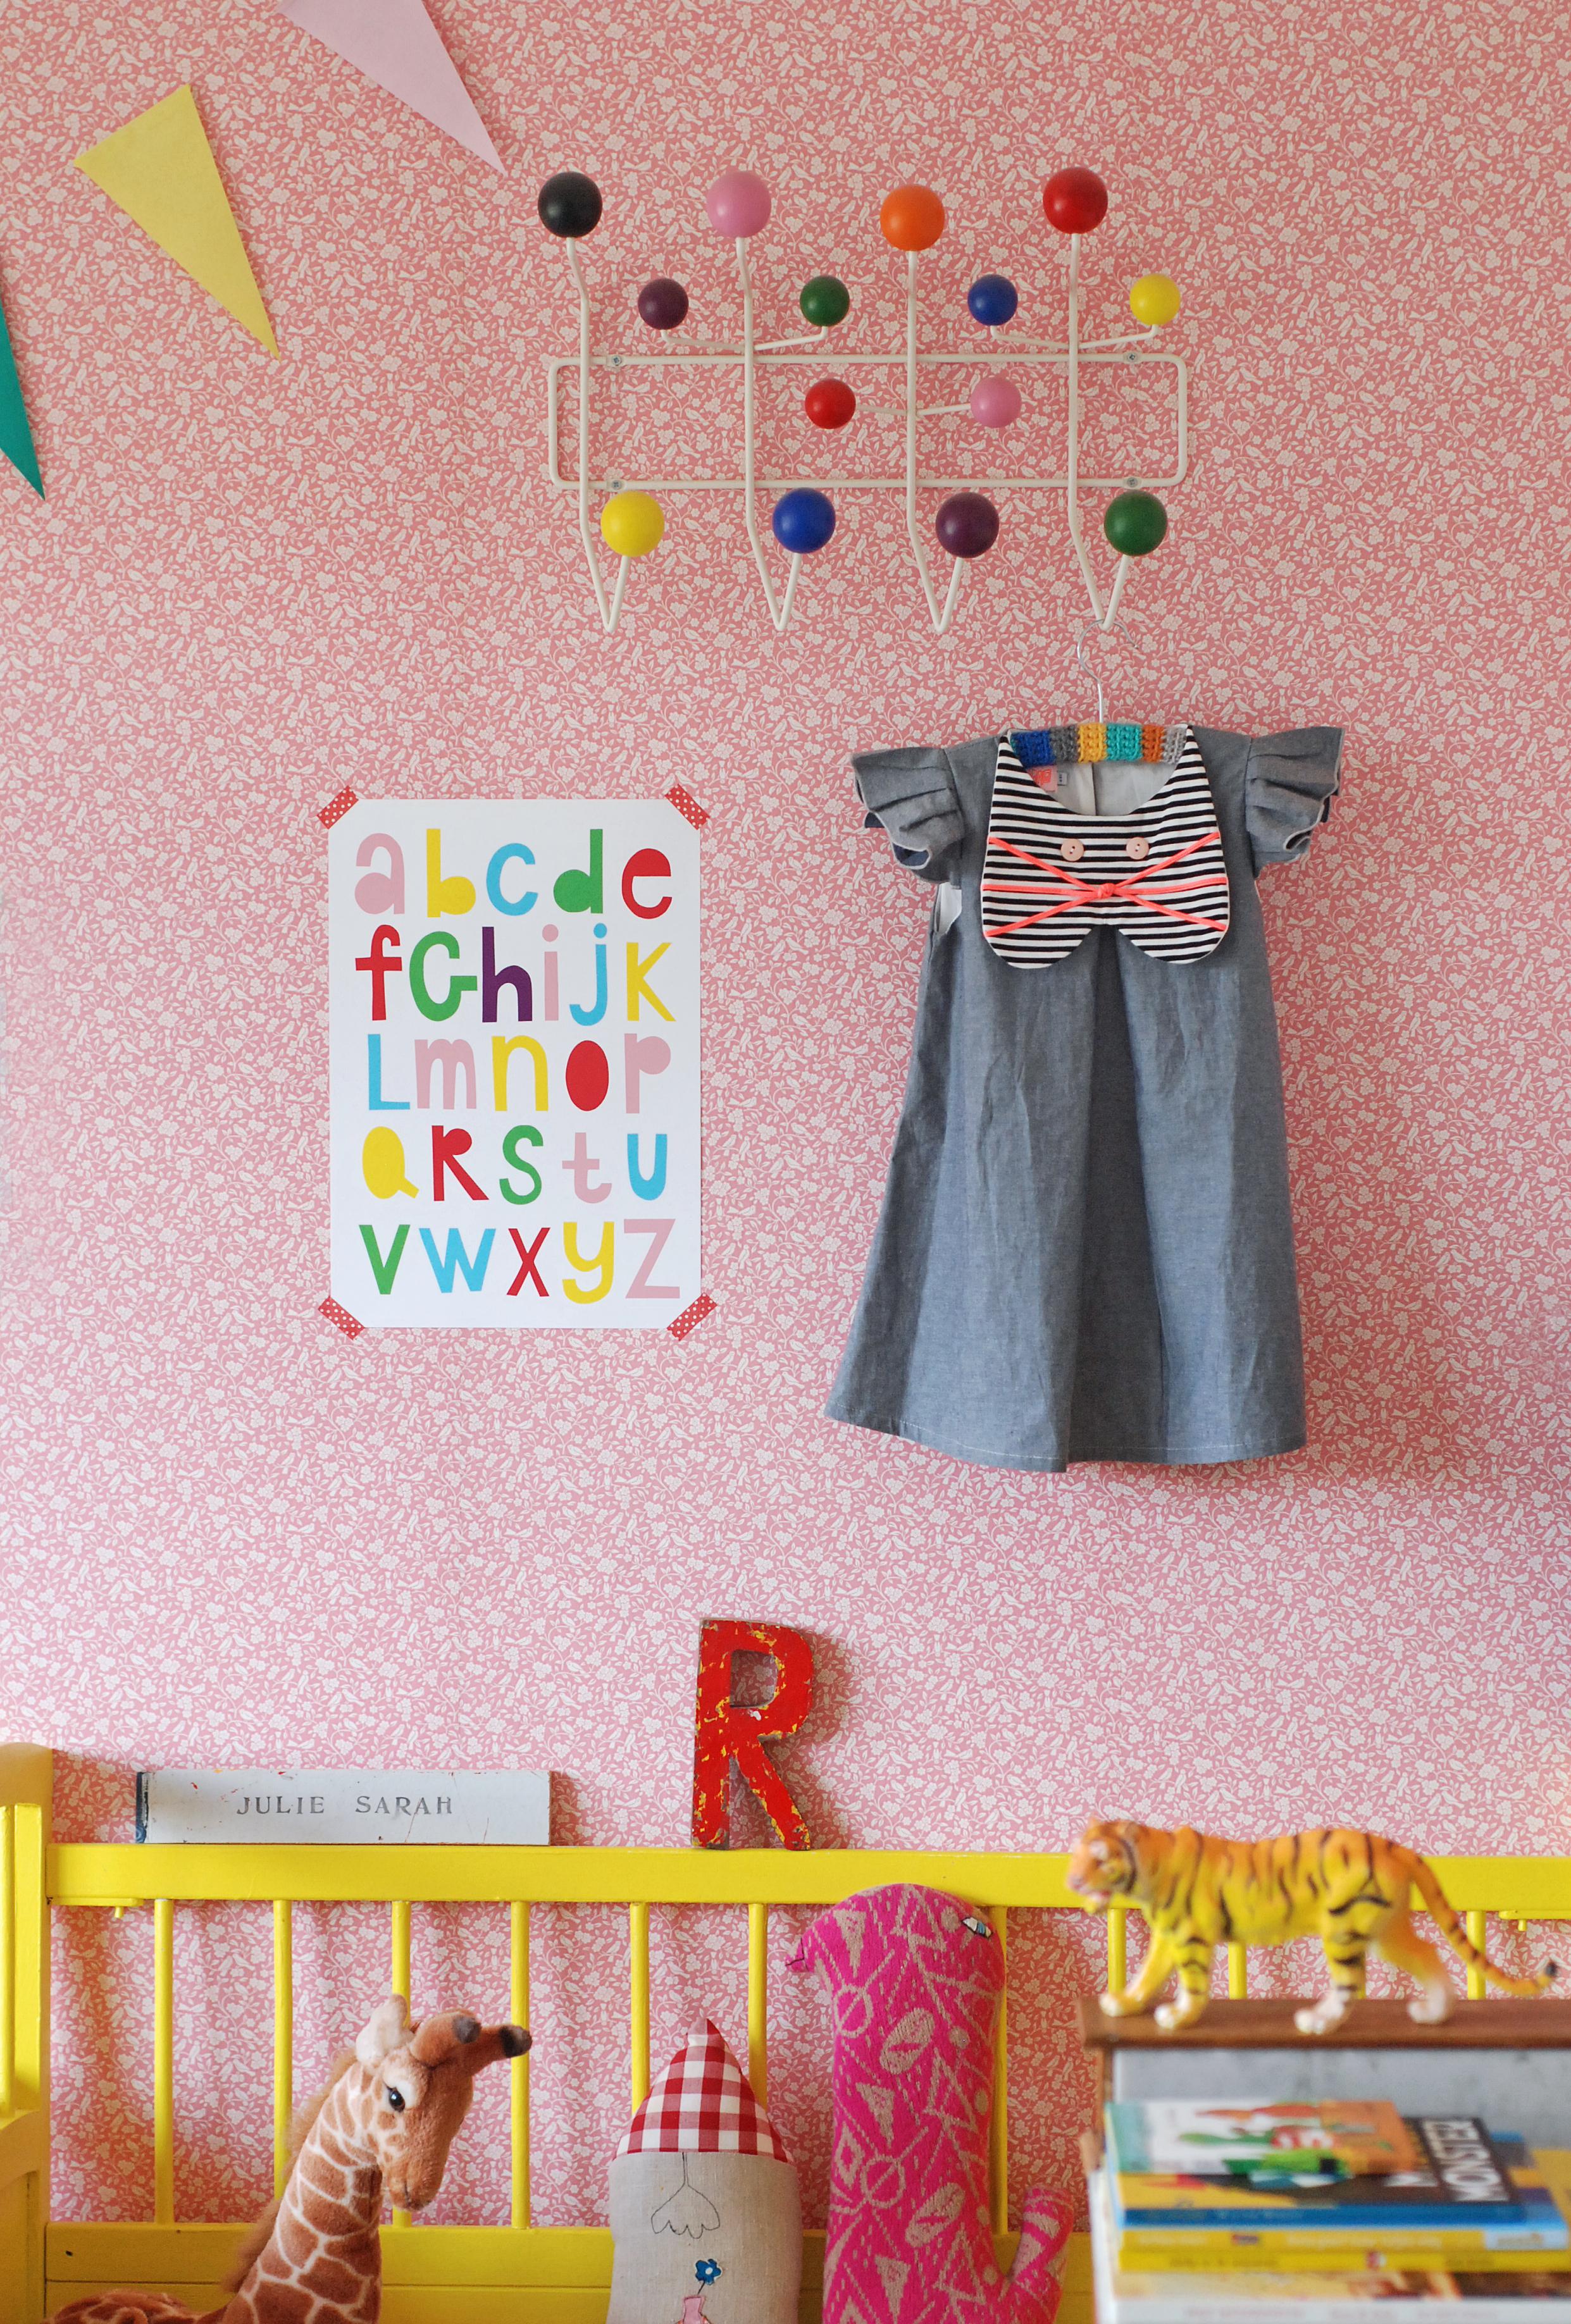 Image by Nina Van Der Goor of her own home